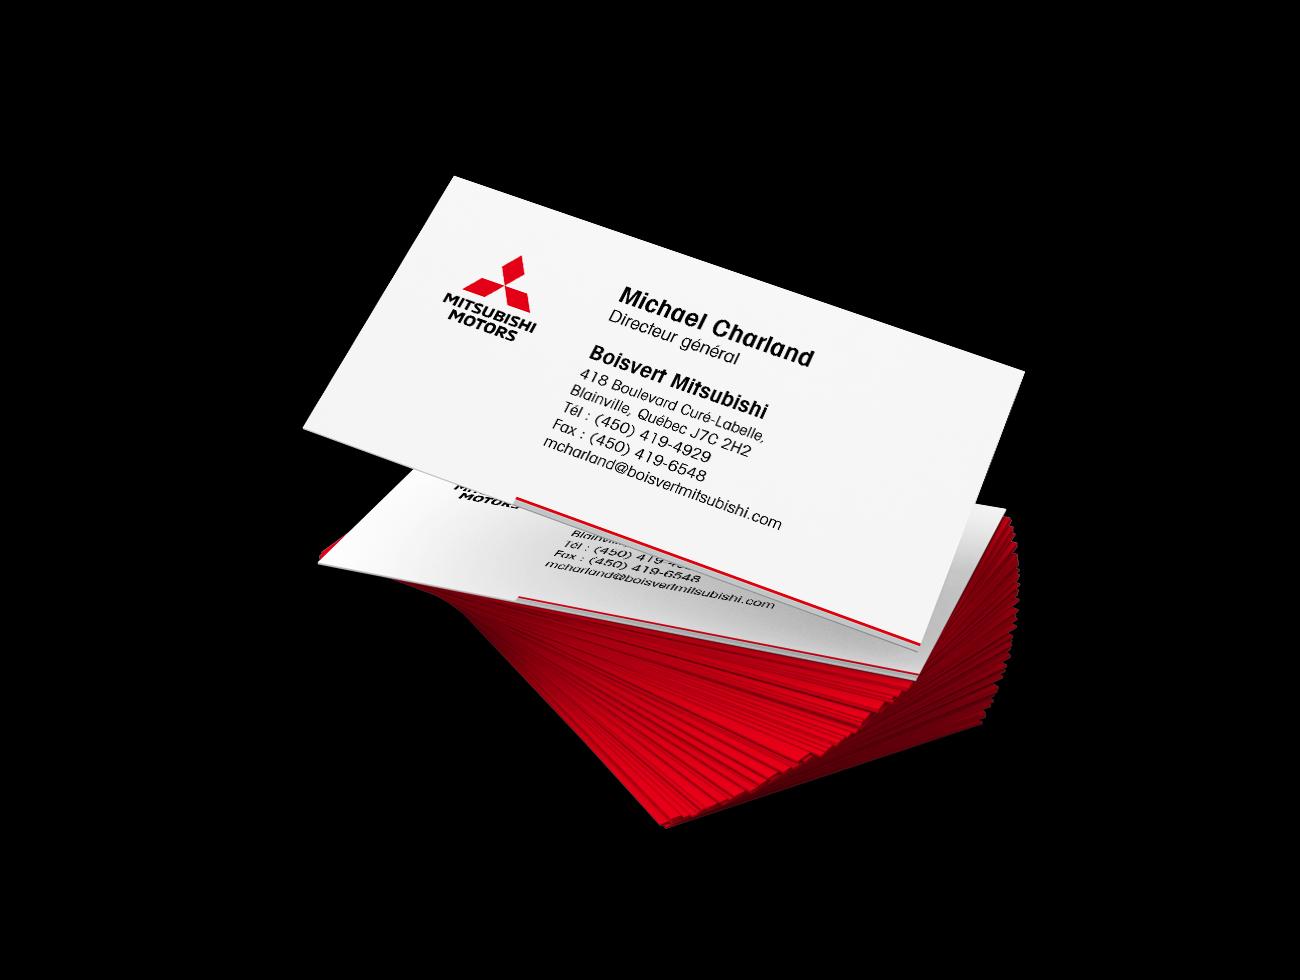 TRIDAL conception cartes d'affaires Boisvert Mitsubishi